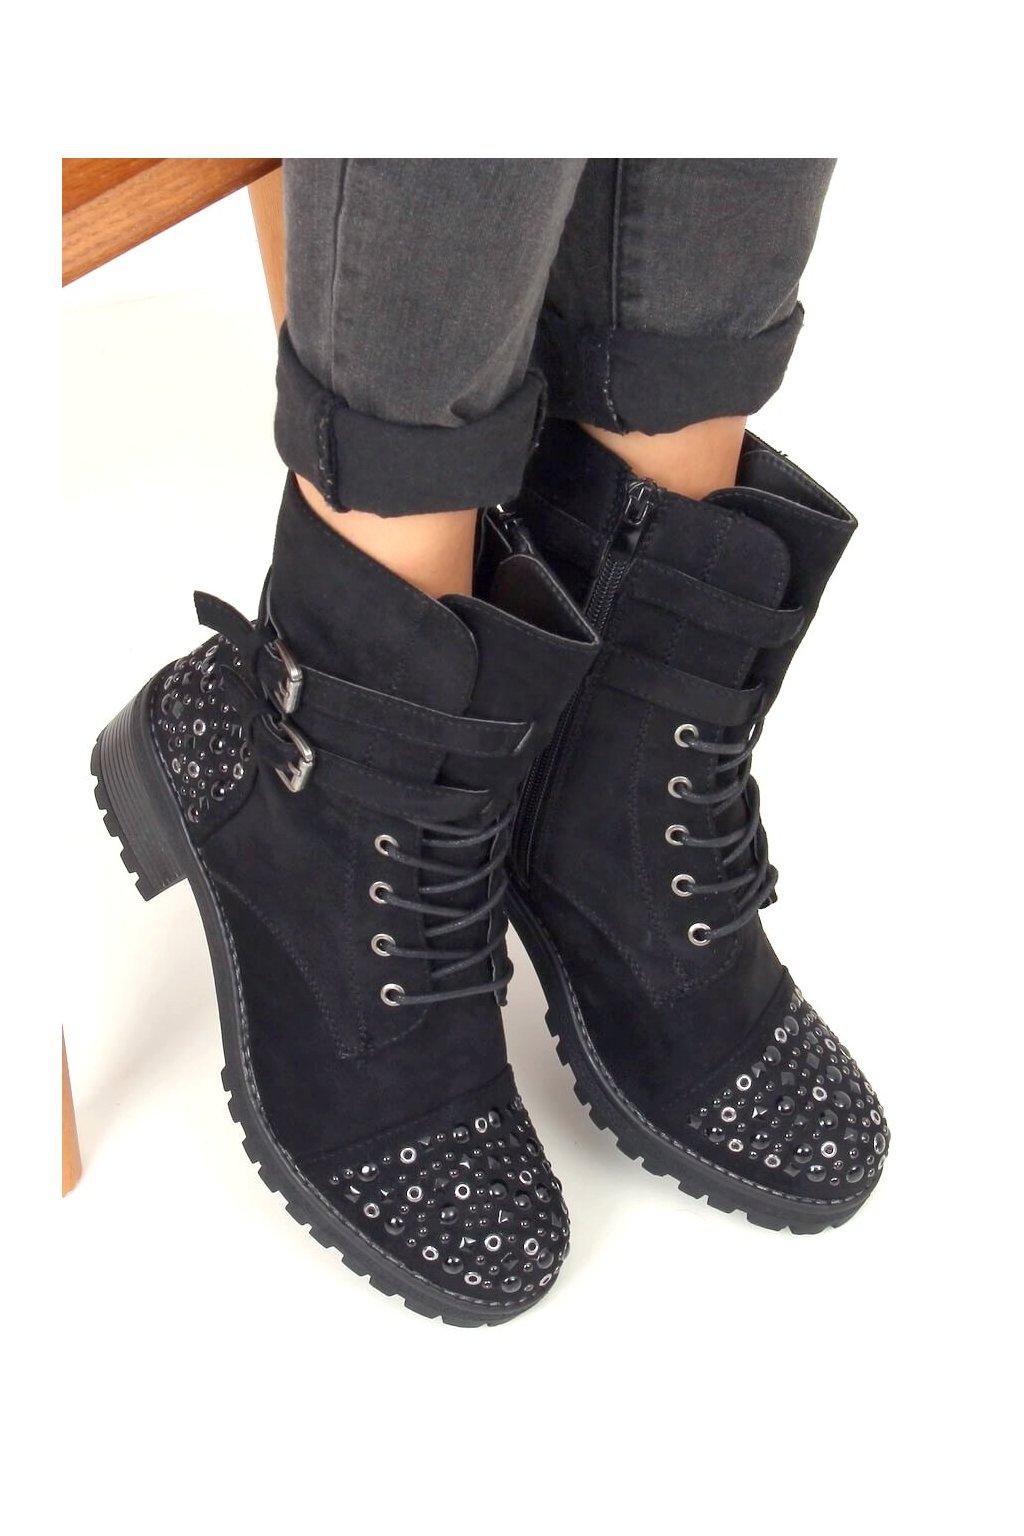 Dámske členkové topánky čierne na širokom podpätku 88063